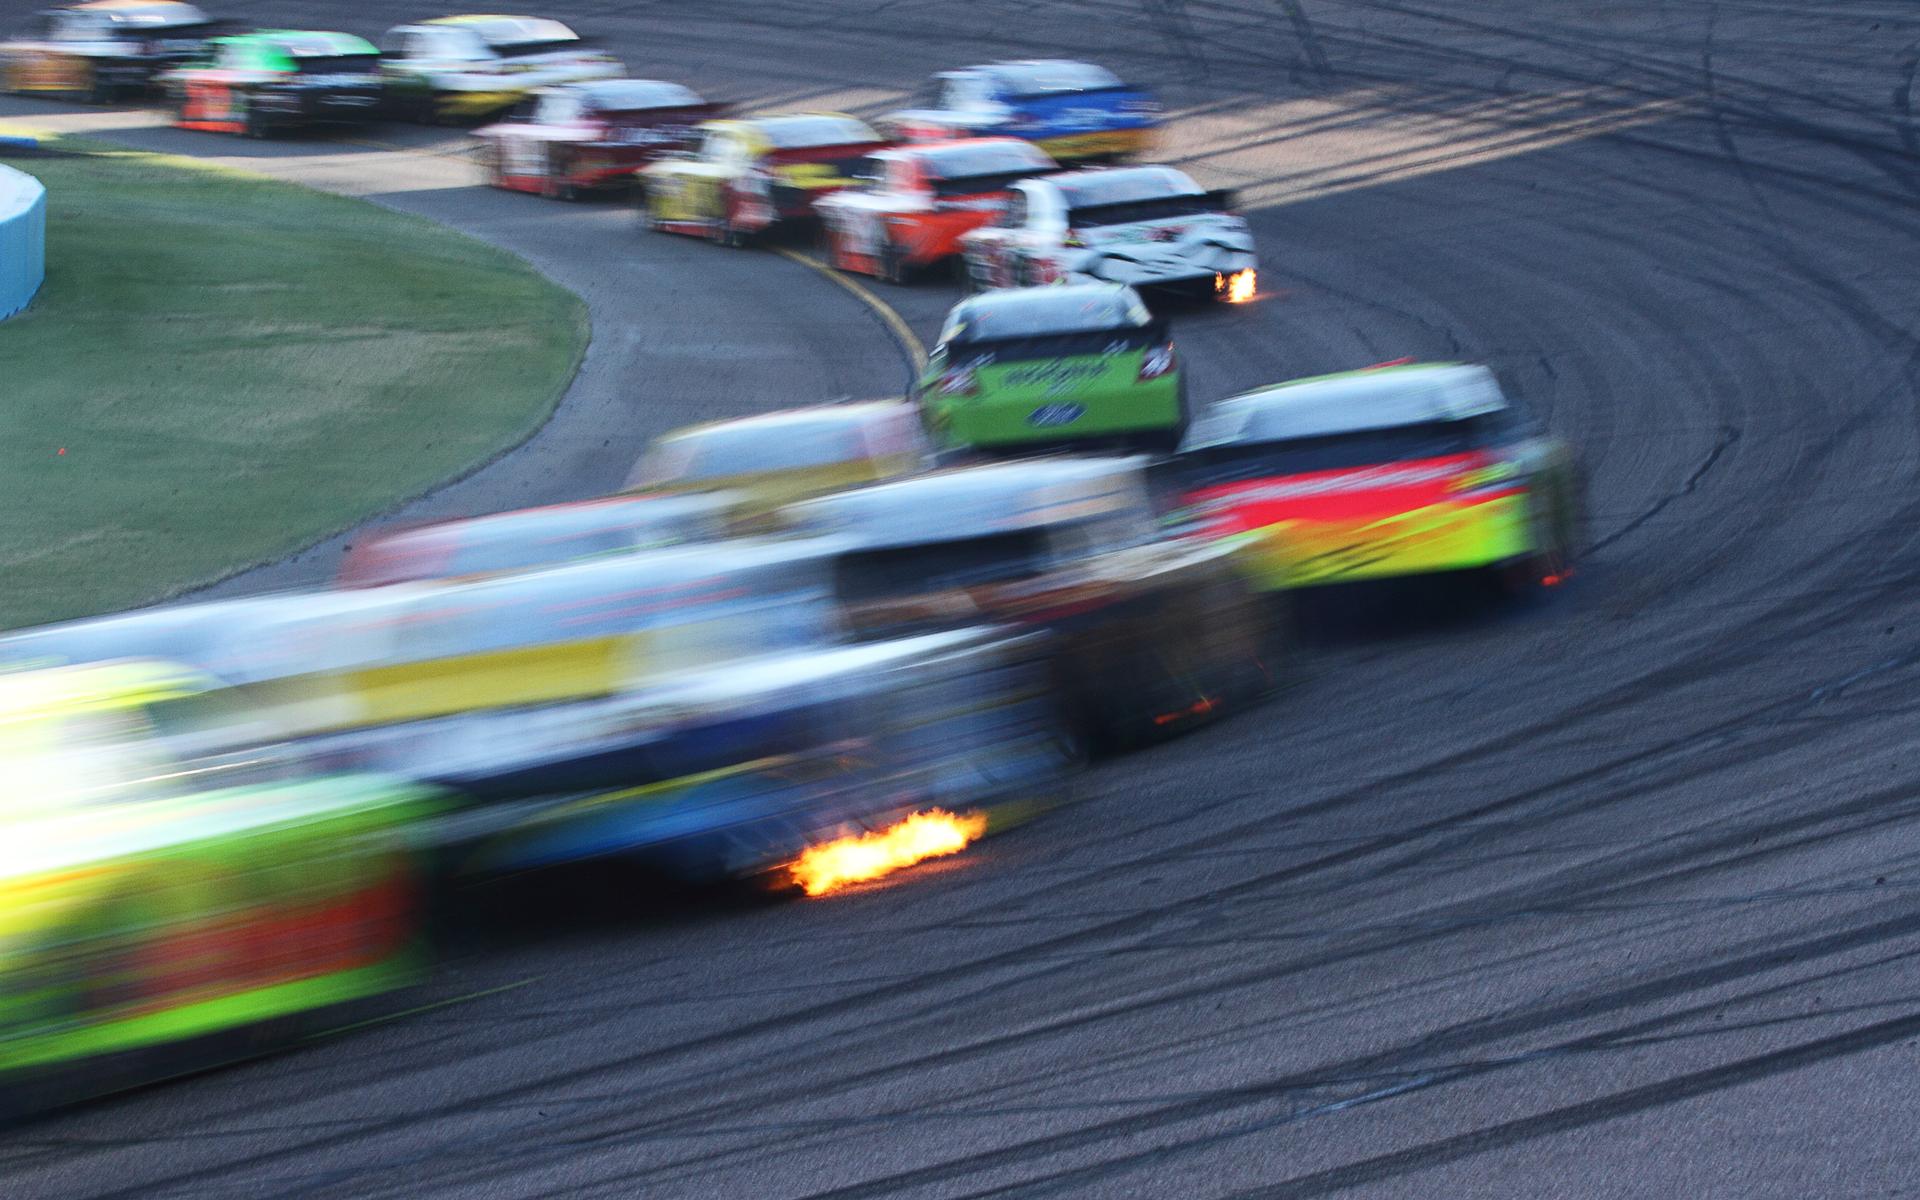 altcoins race cars bitcoin